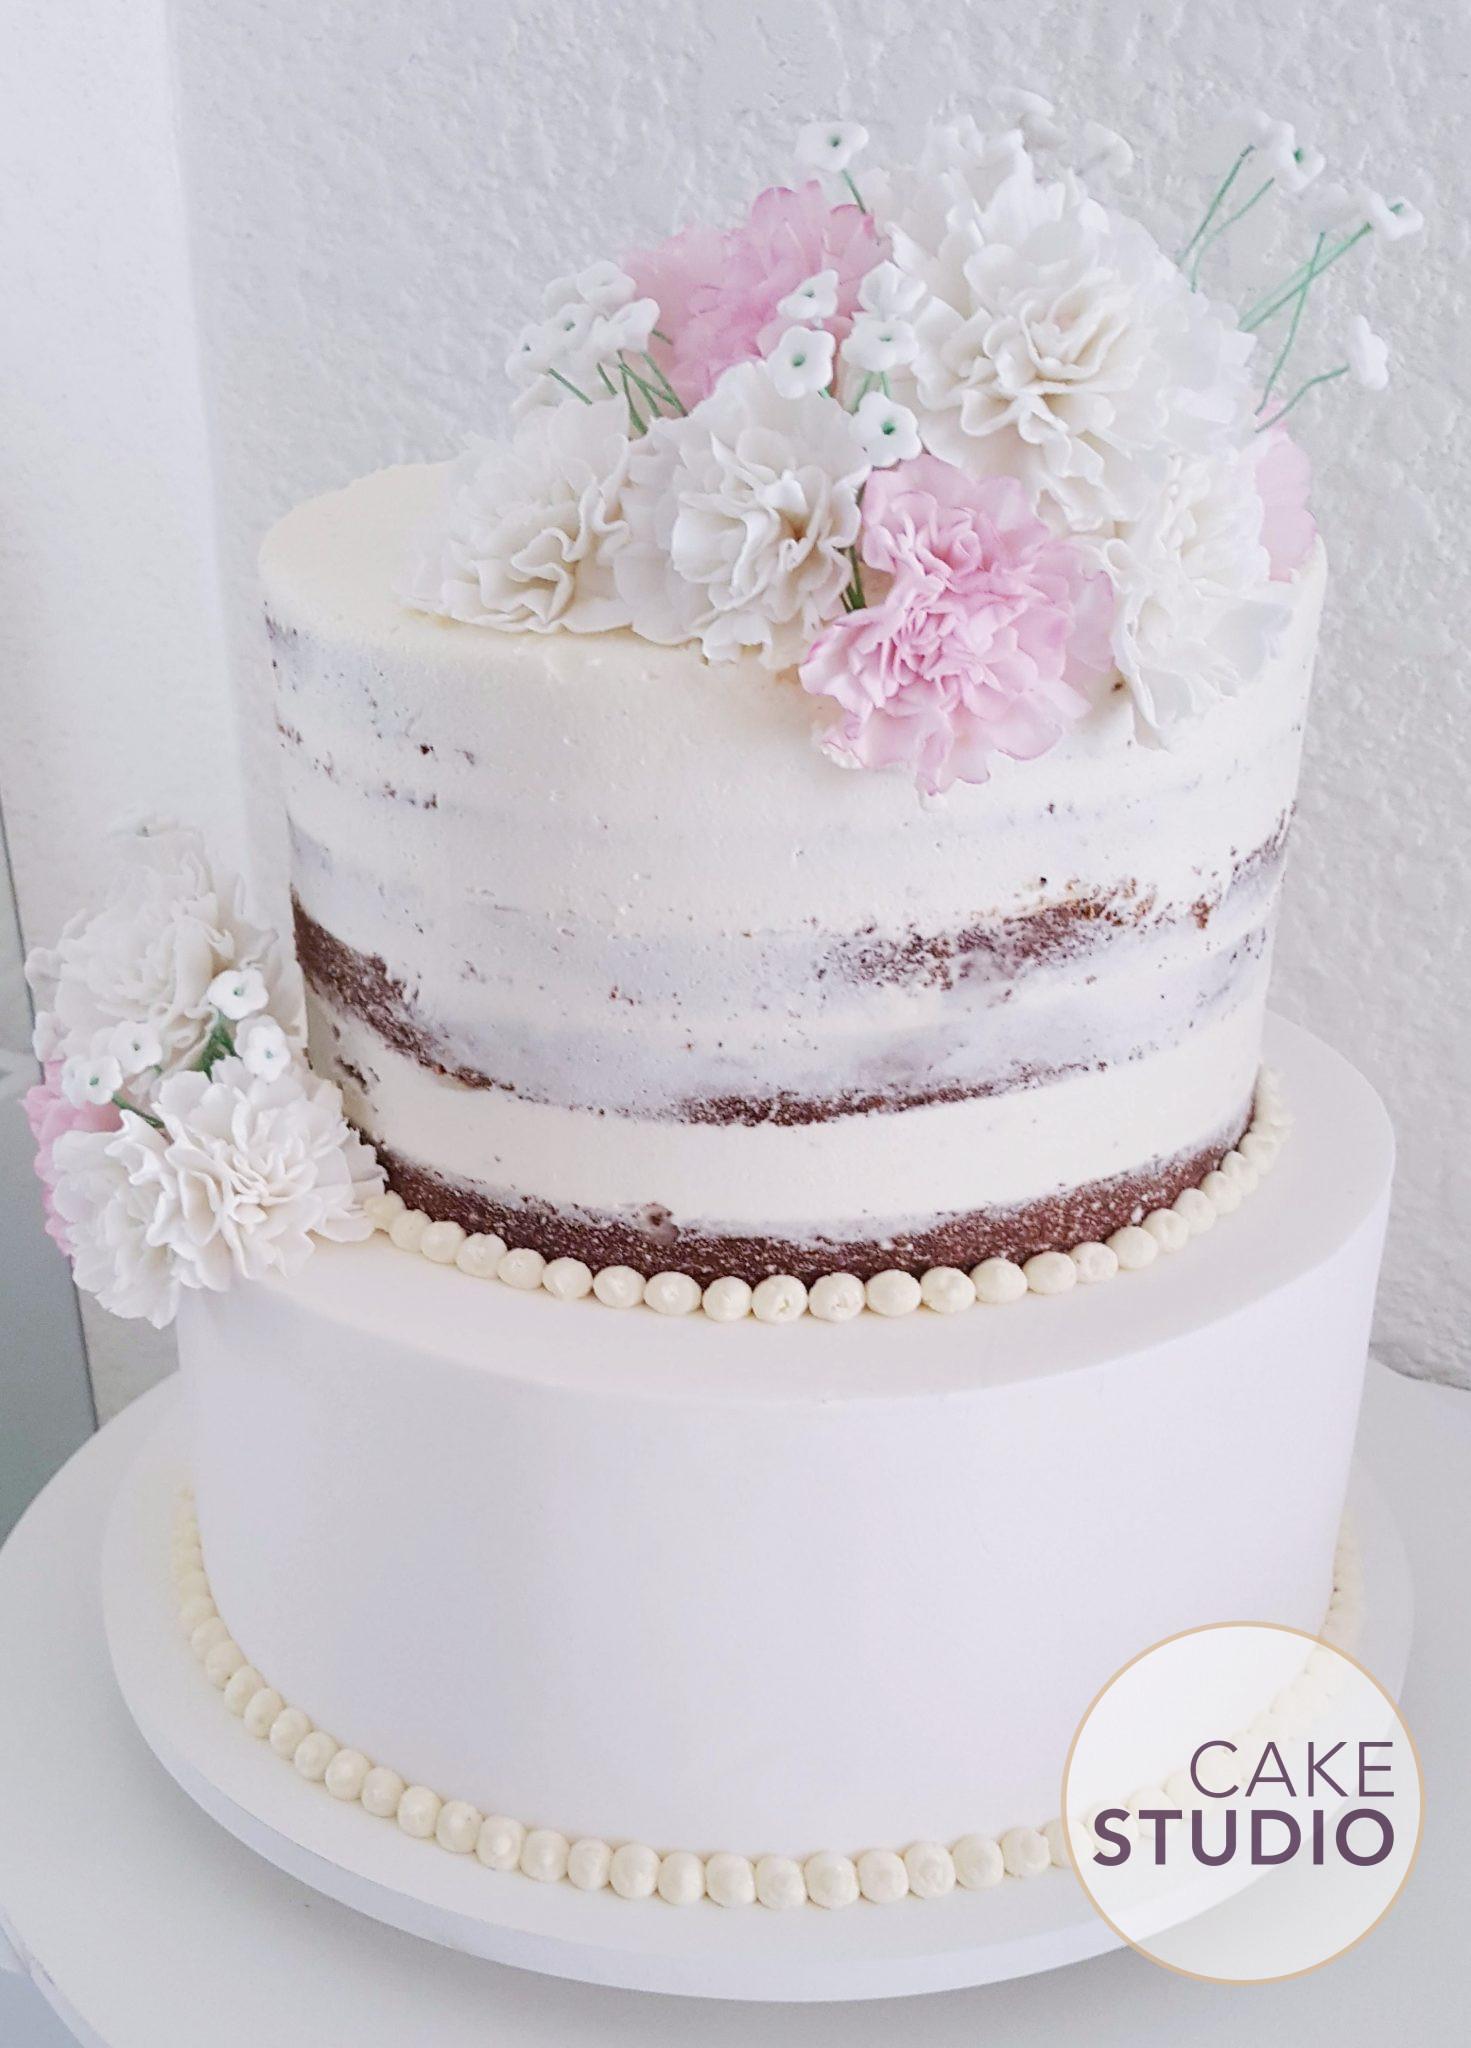 Bolo de Casamento 2 Andares Semi Naked Cake com Flores feito por Cake Studio ( contato@cakestudio.com.br | Whatsapp: (11) 96882-2623 ).